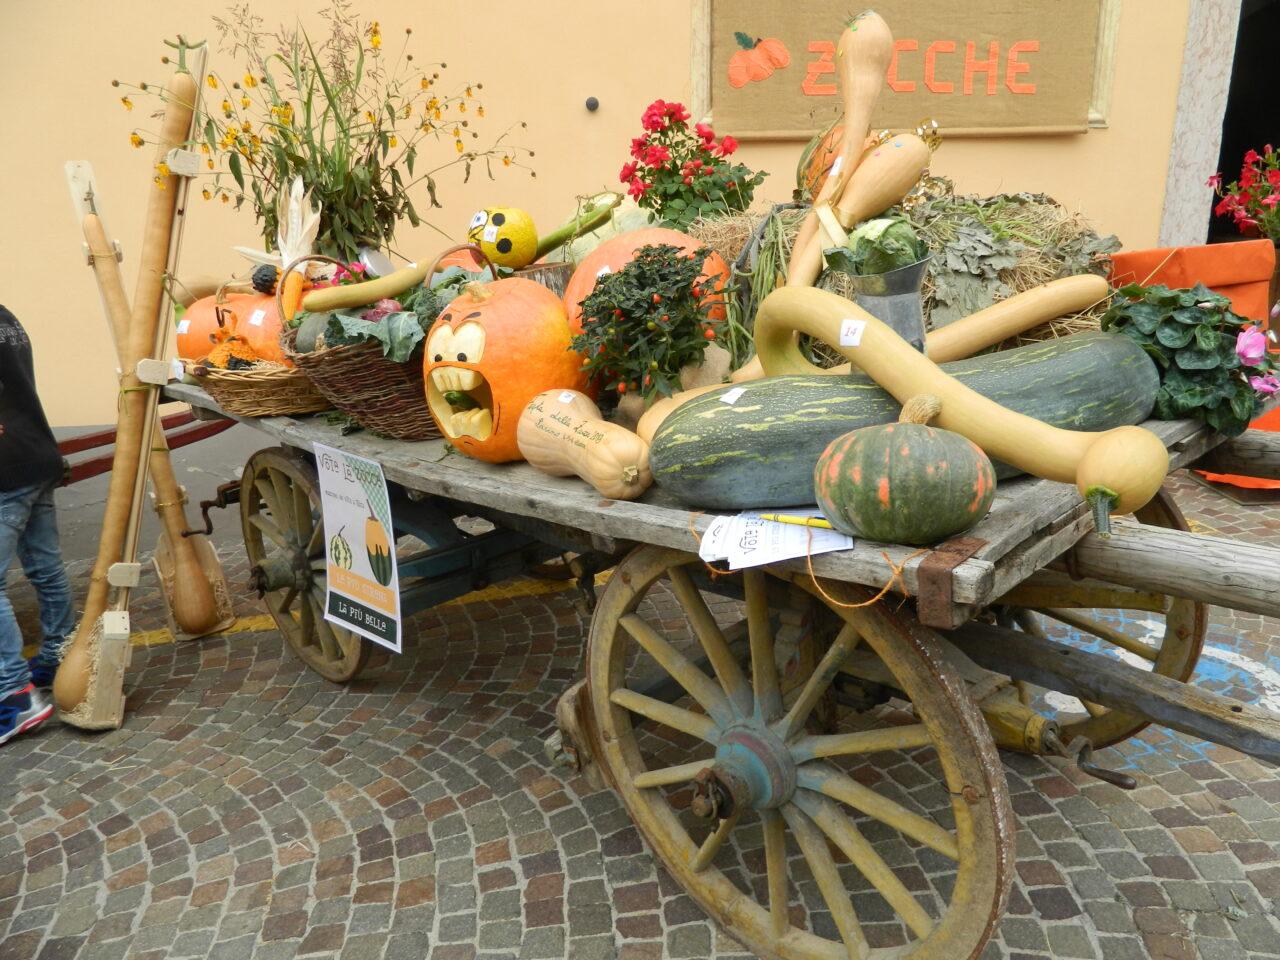 lasino-lagolo-festa-della-zucca-1280x960.jpg